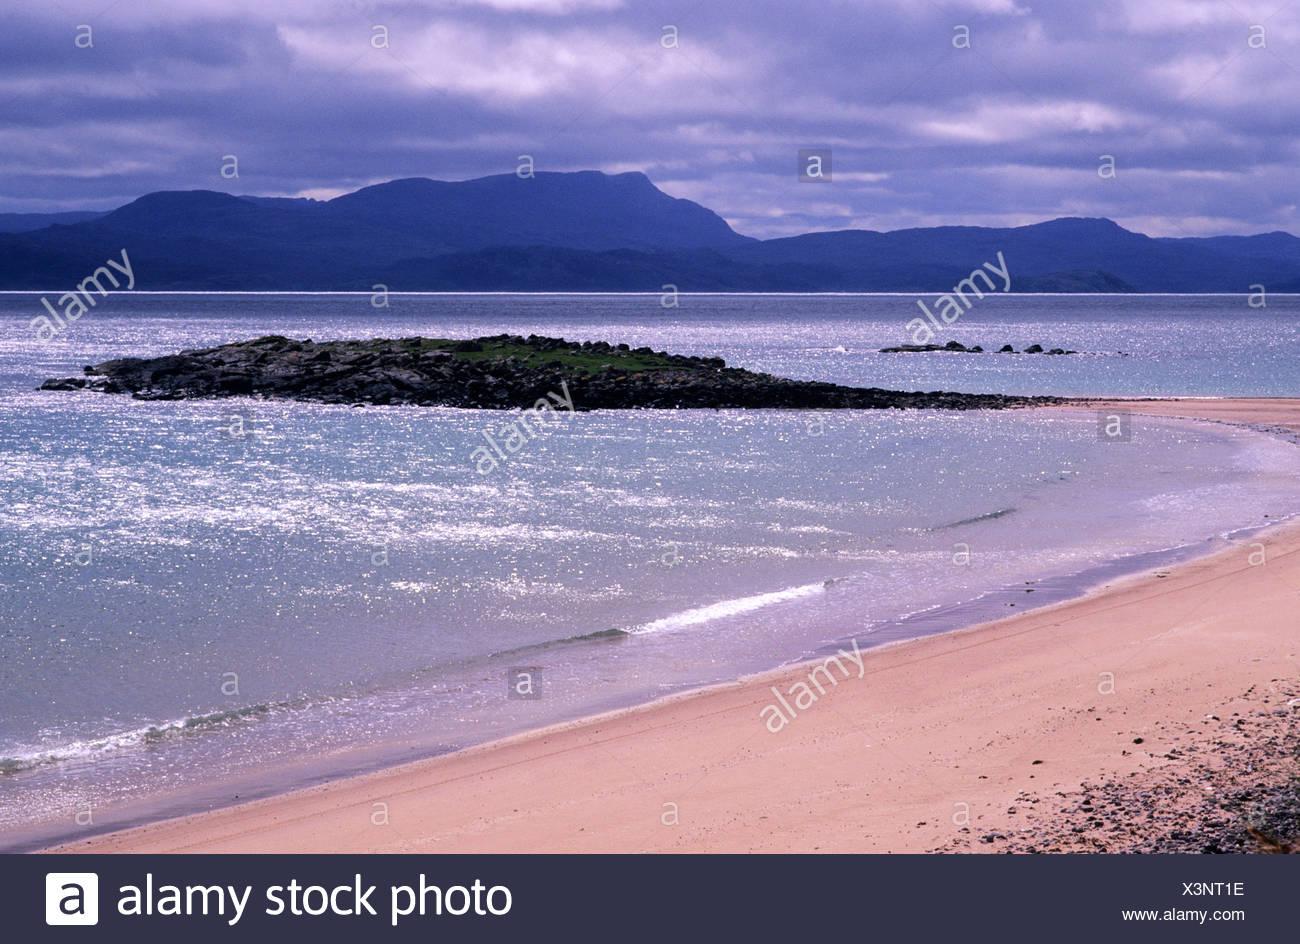 Red Point Beach West Highlands de Escocia para ver península de Applecross Wester Ross, Región de tierras altas, el mar, la costa escocesa, costeras, Foto de stock